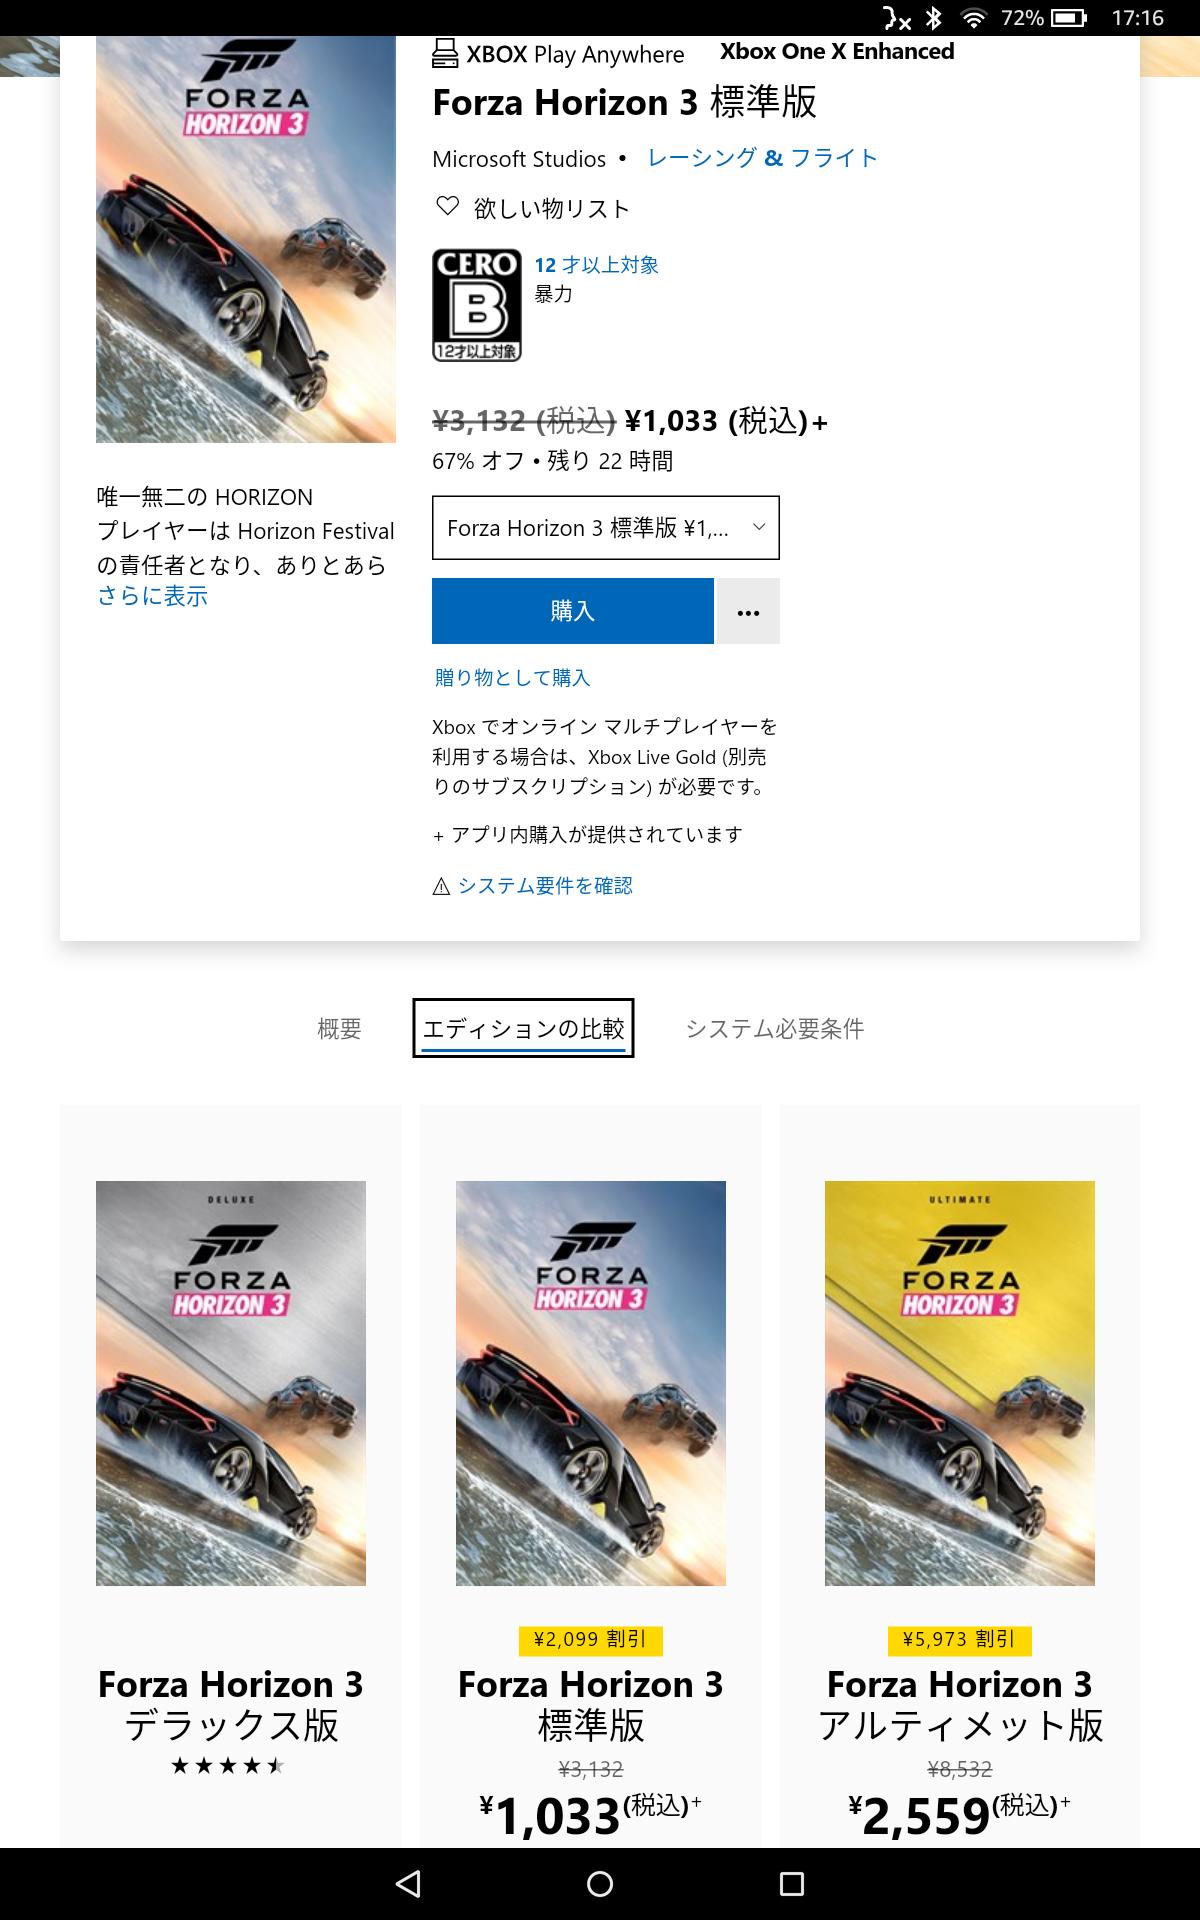 【注意】「Forza Horizon 3」がもうすぐ配信終了になってしまうので、欲しい人は急げ!!!